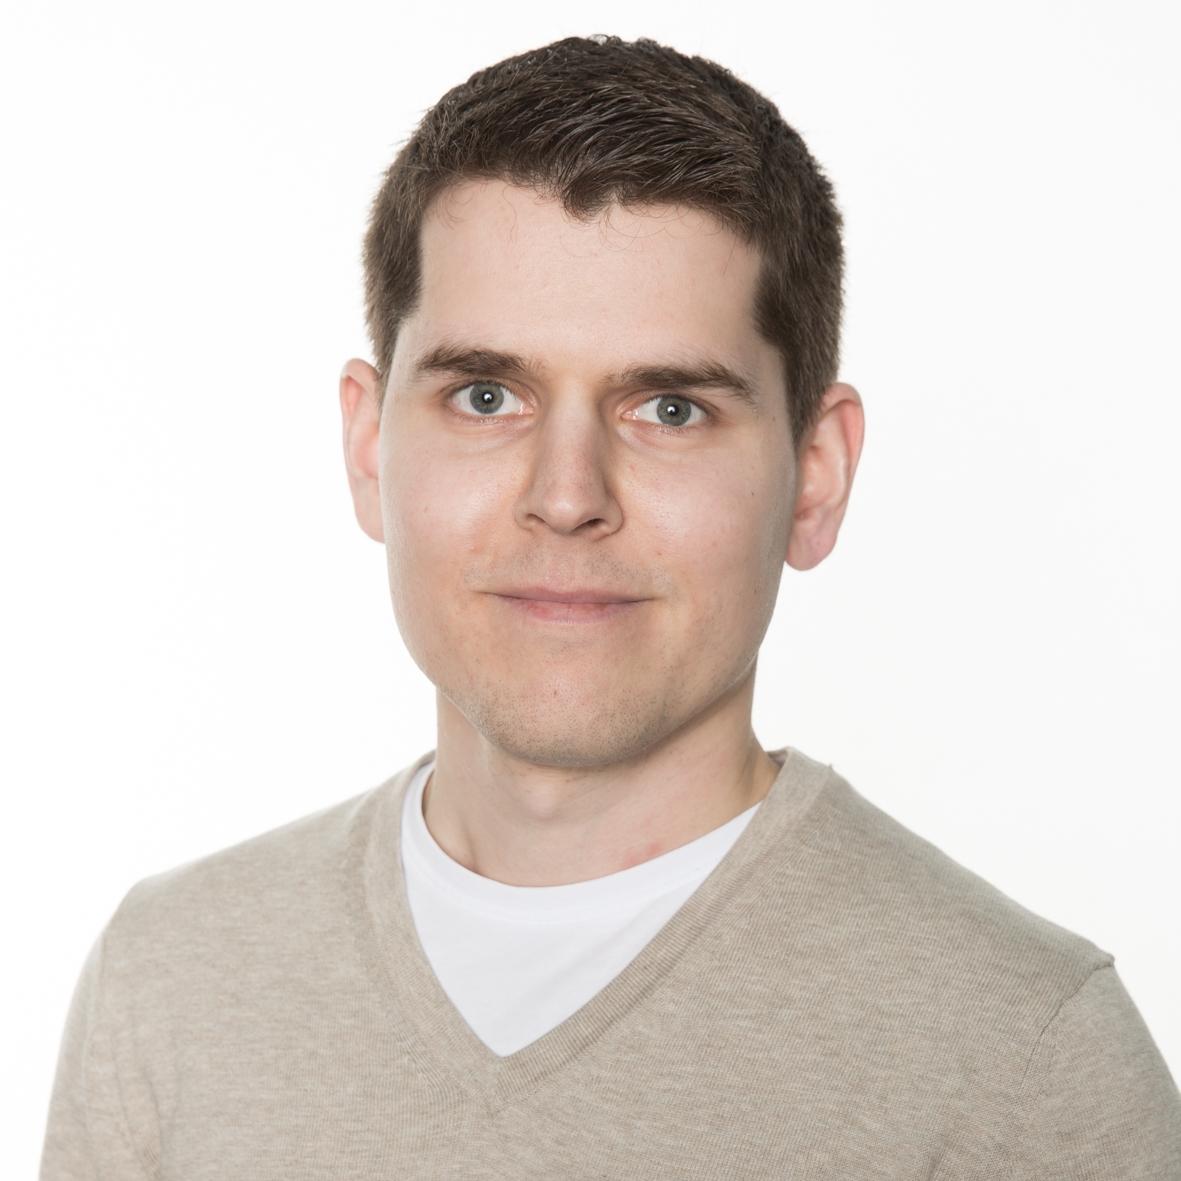 Oscar Ahlén